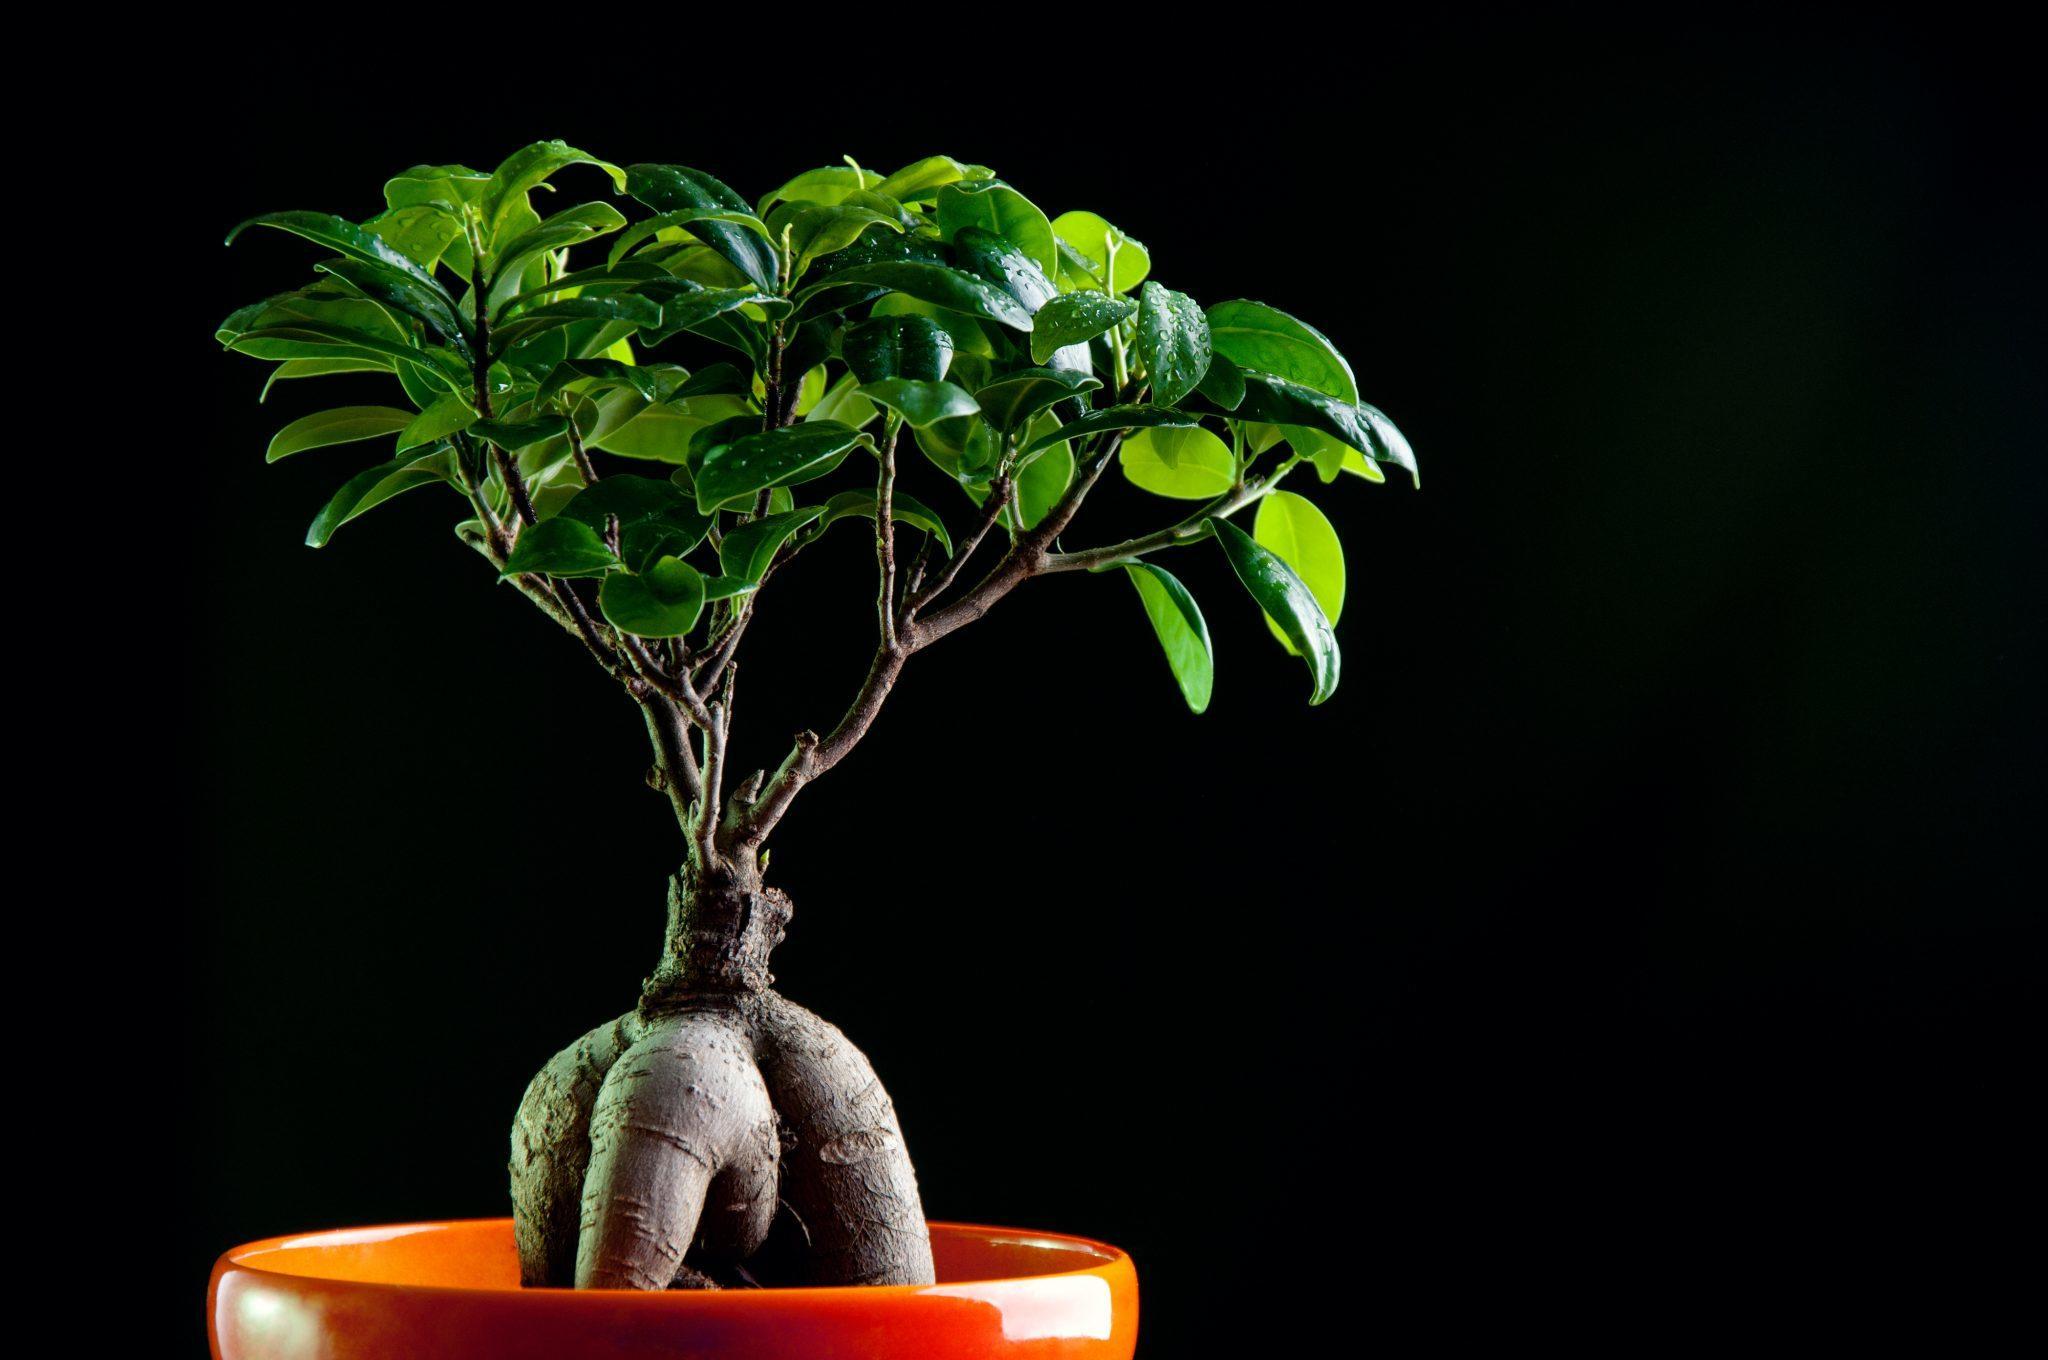 Ficus на фото в оранжевом горшке